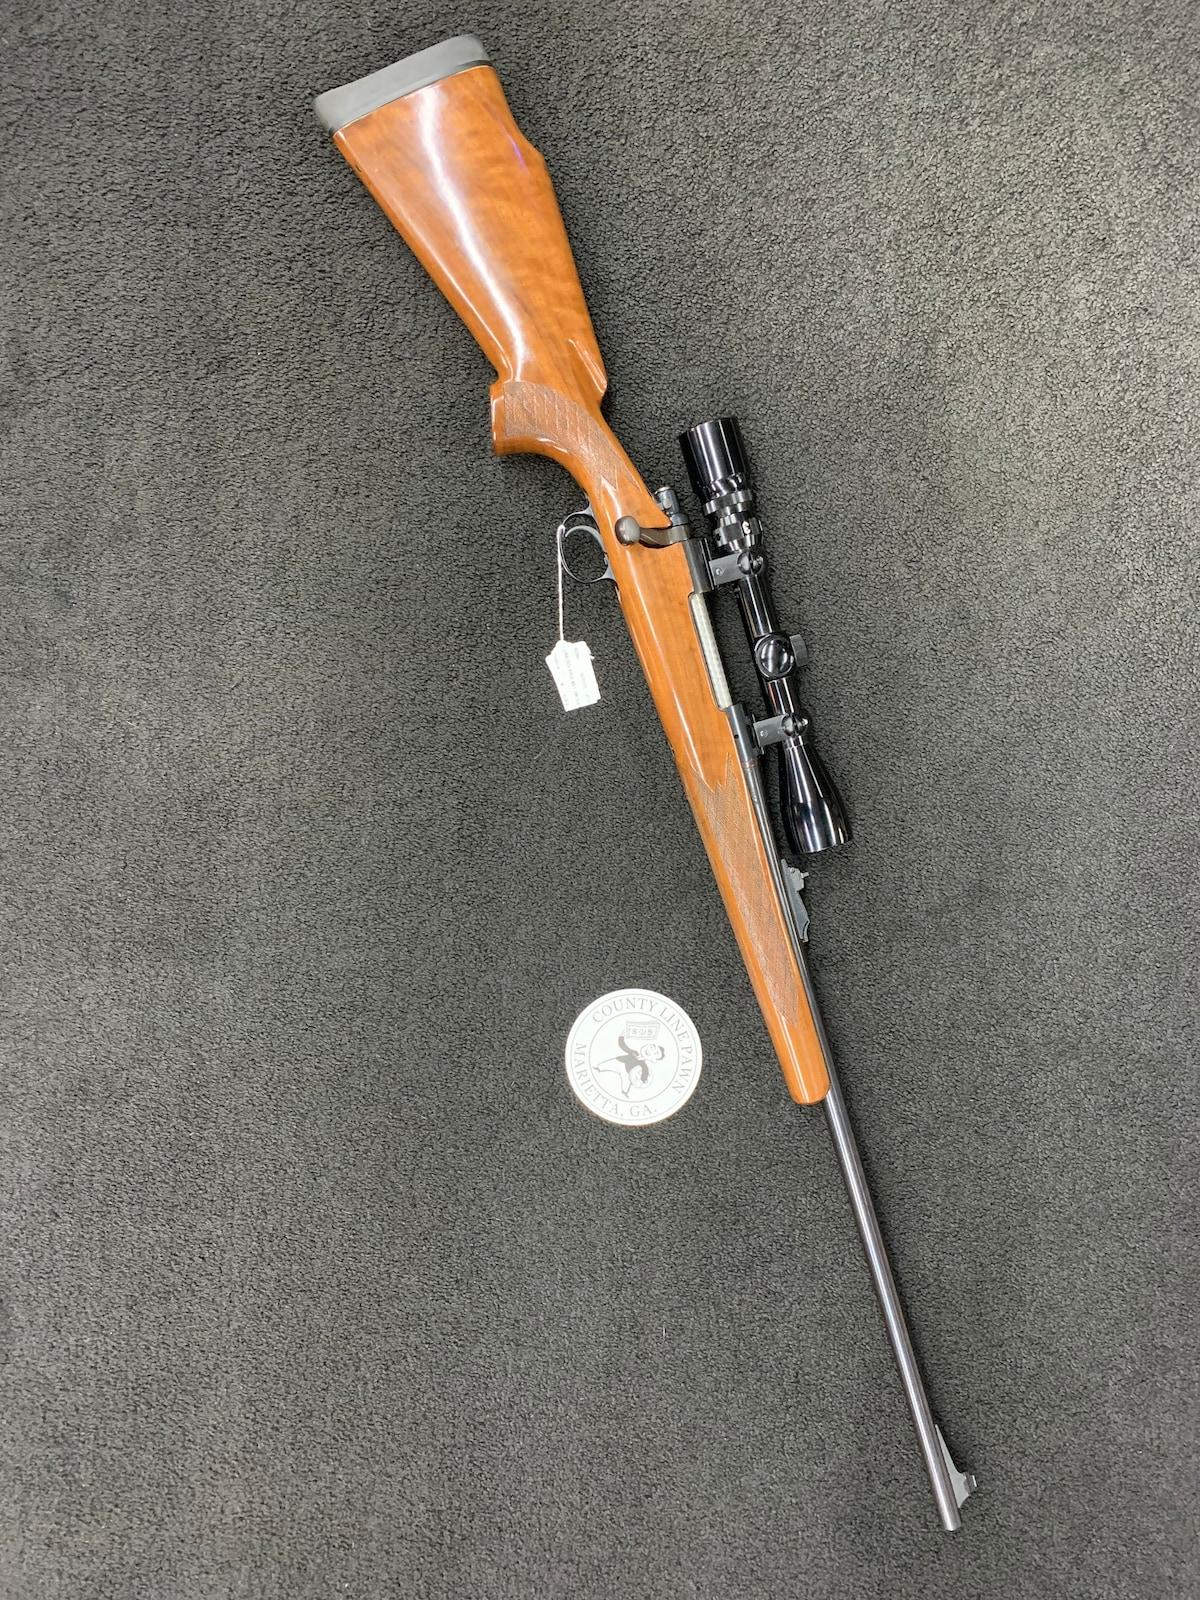 REMINGTON ARMS COMPANY, INC. 700